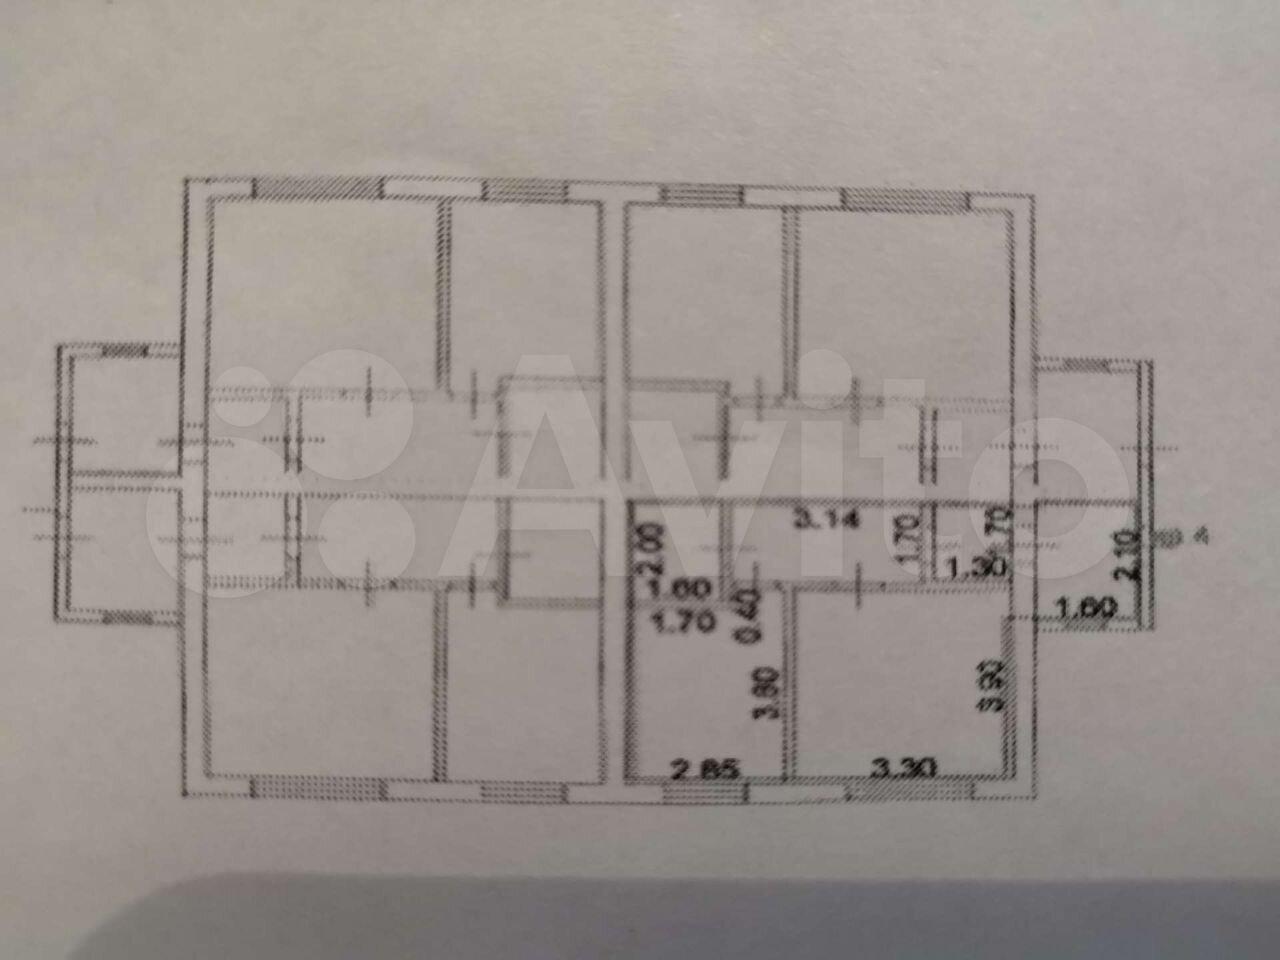 1-к квартира, 37.2 м², 1/1 эт.